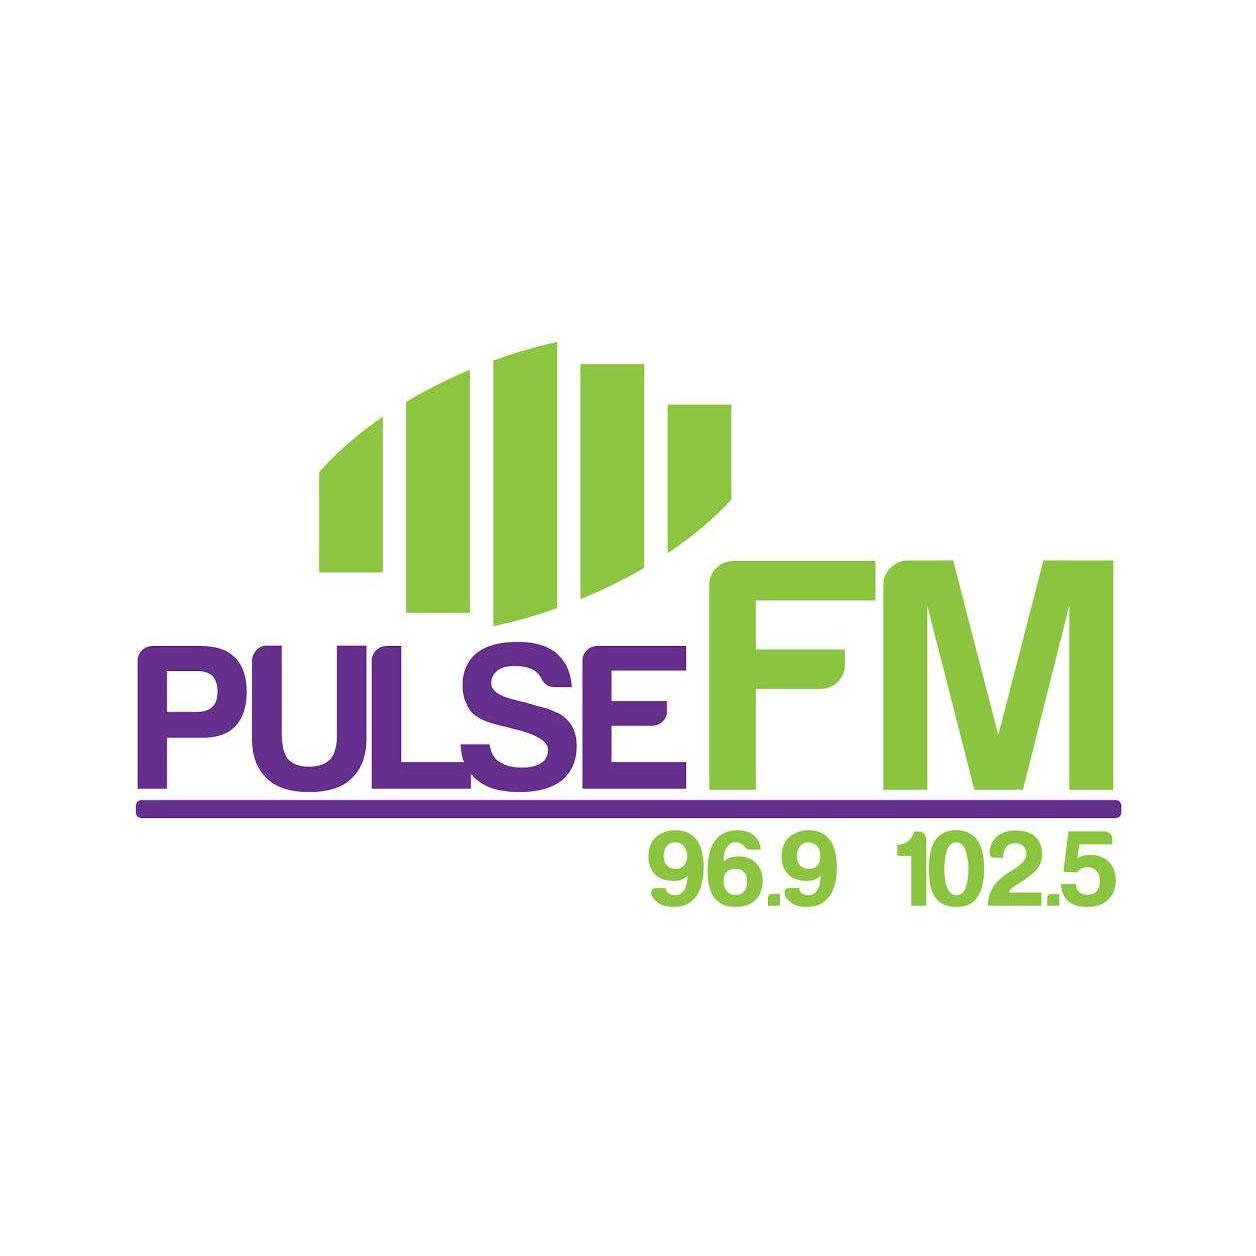 Pulse FM at Triangle Aquatics